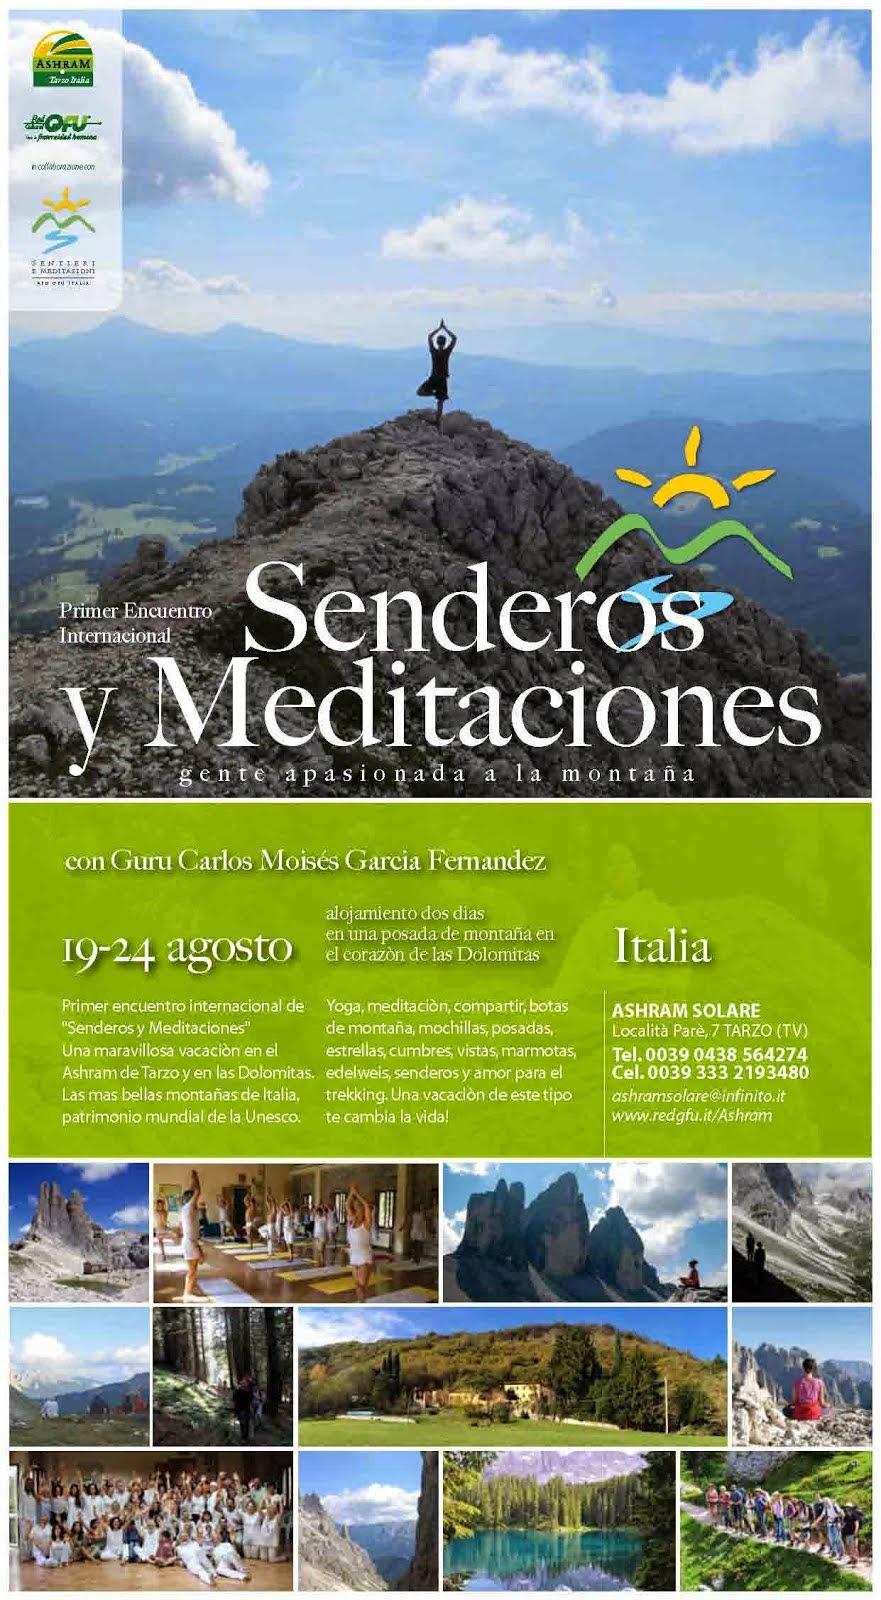 Encuentro internacional de Senderismo y Meditación en Tarzo y Las Dolomitas (Italia).